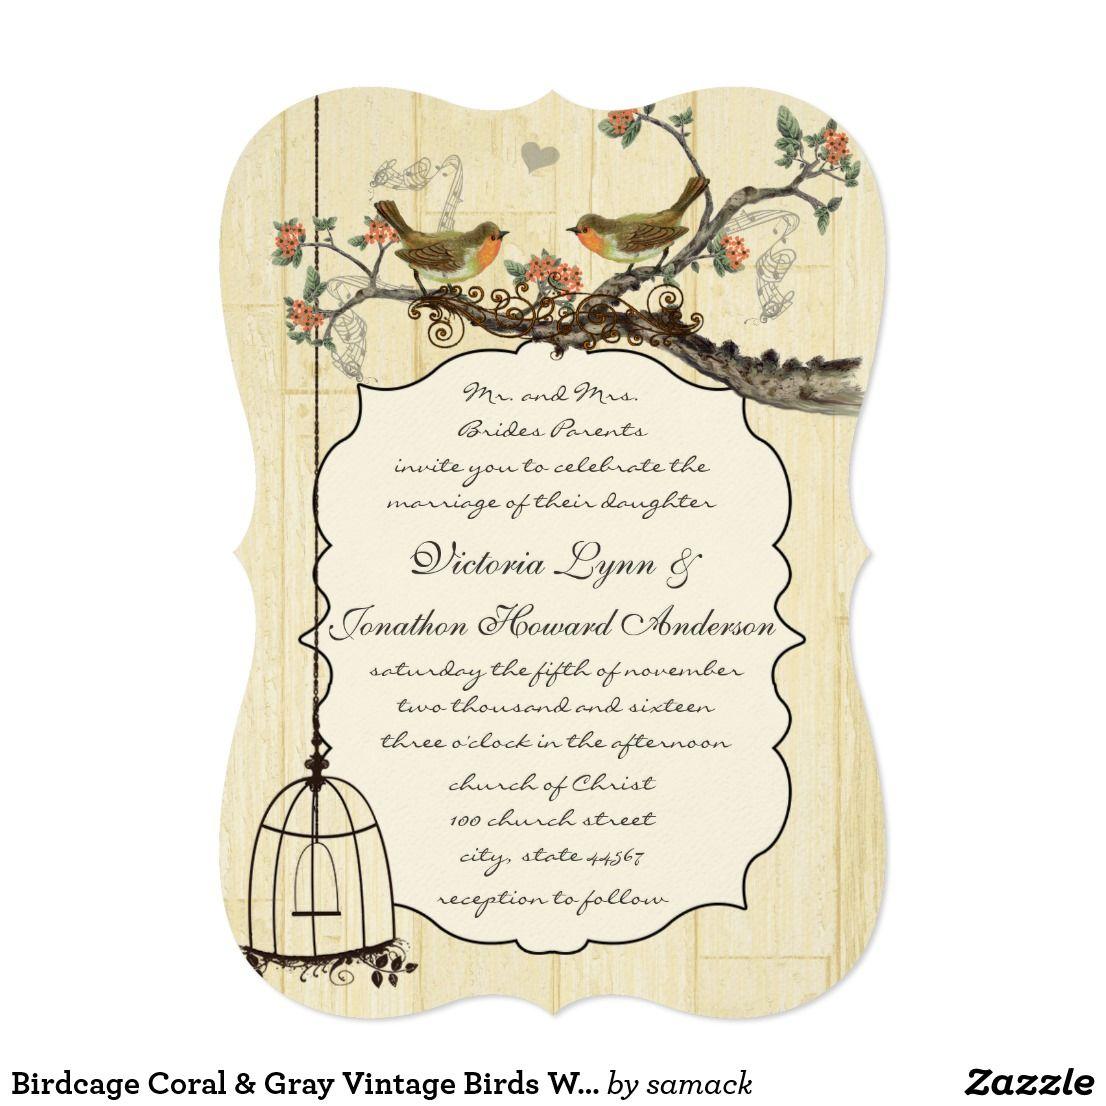 Birdcage Coral & Gray Vintage Birds Wedding Invite | Wedding and ...